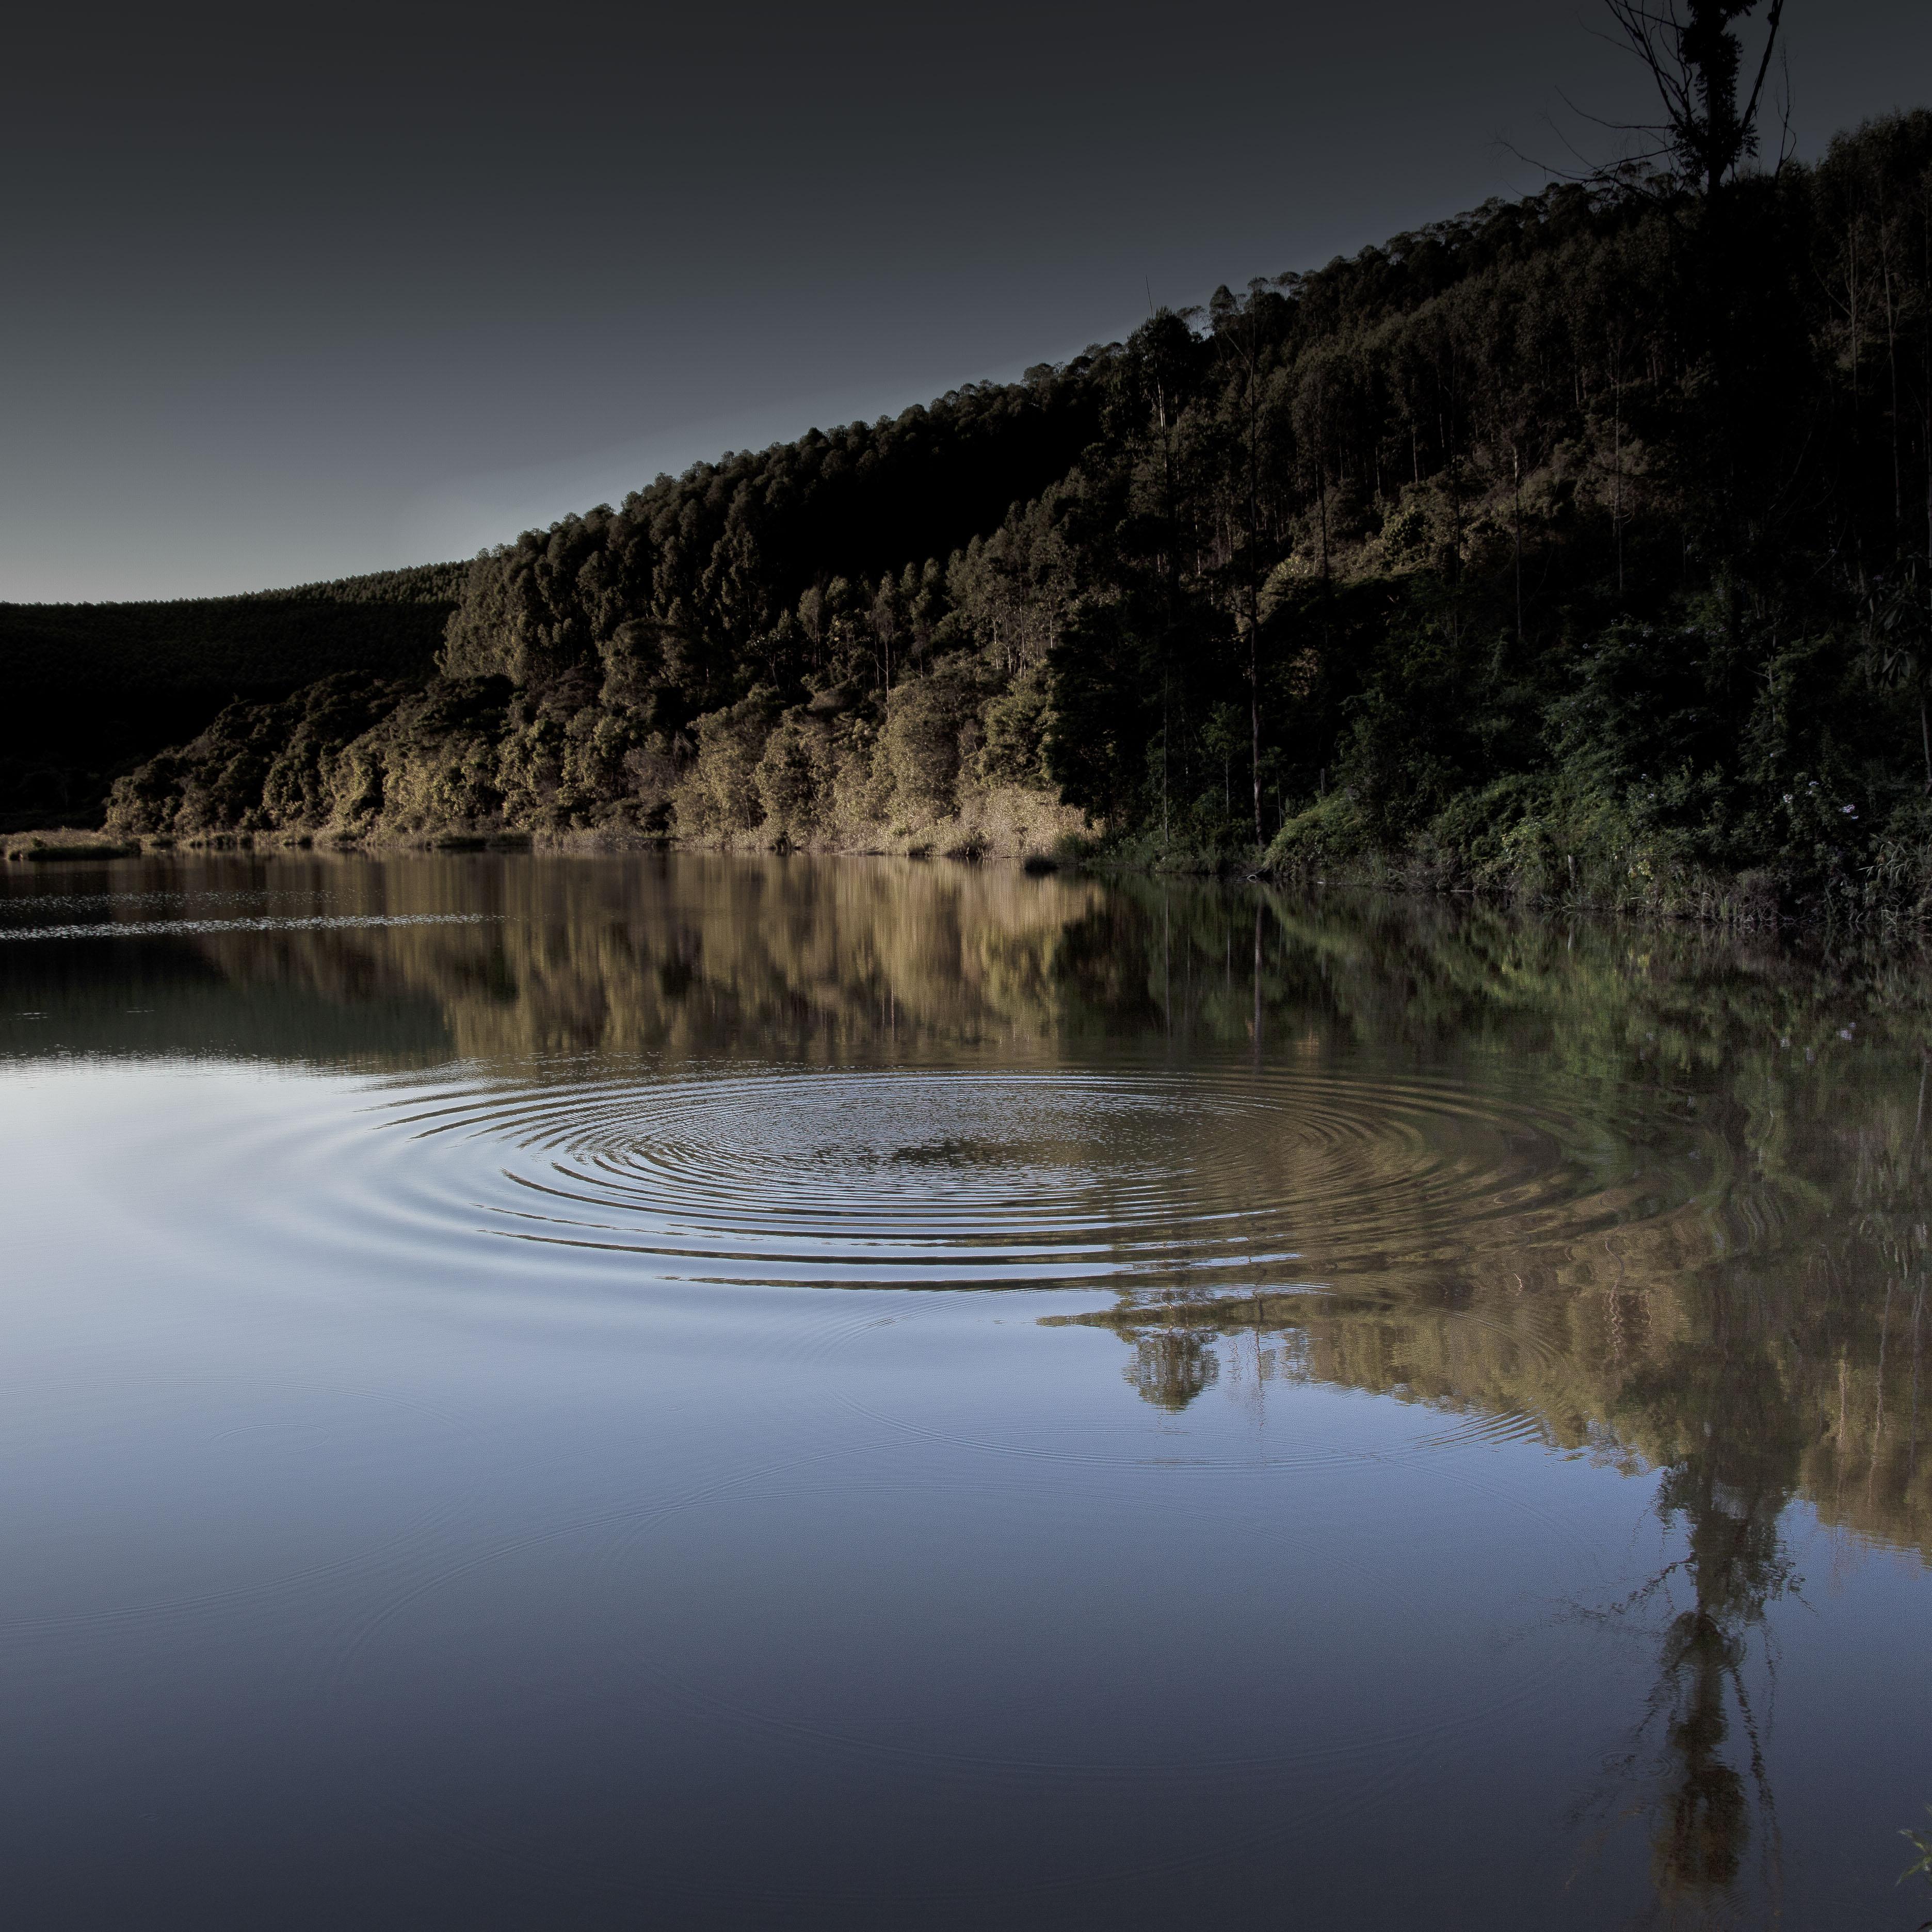 Lagoa_-_Fábio_Cançado